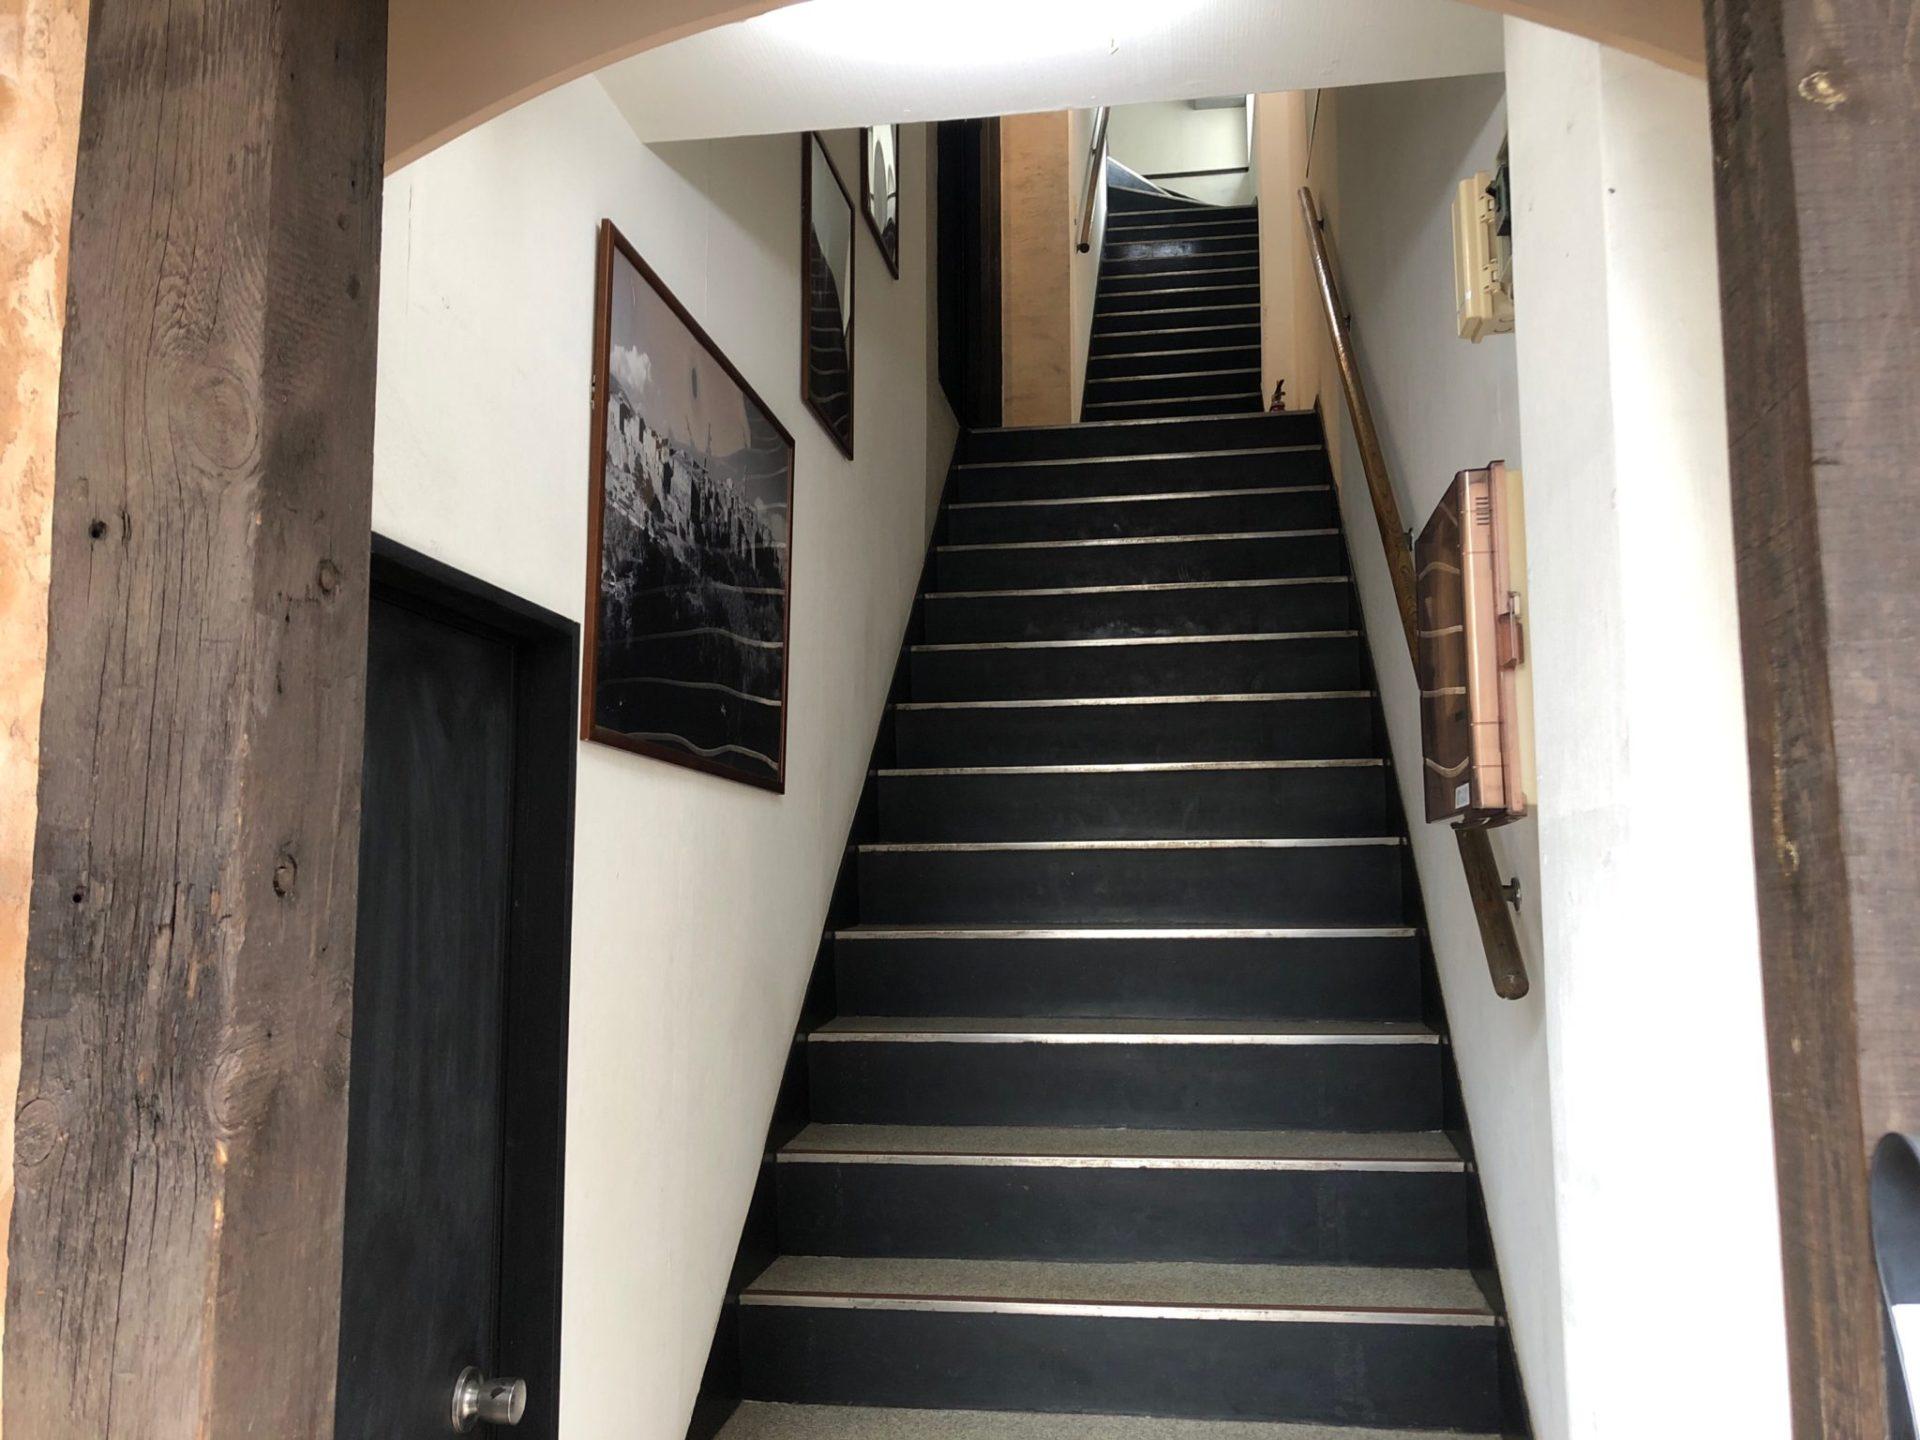 ズッペリア オステリア ピティリアーノ 祖師谷はフィオッキの二階